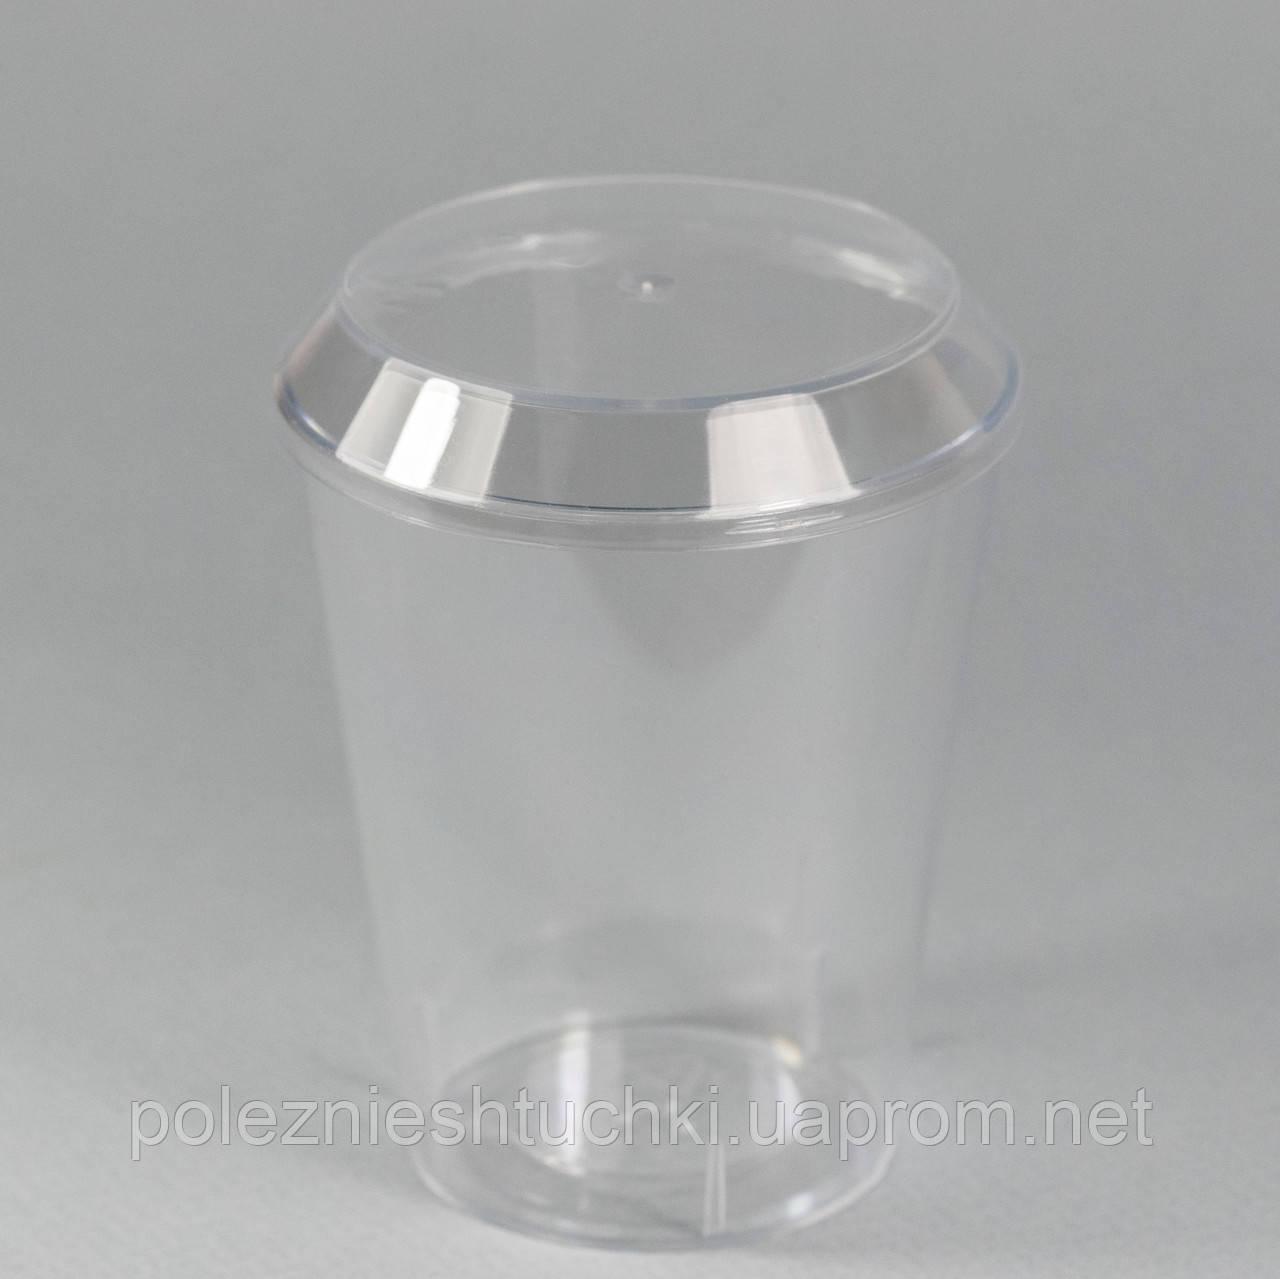 Пиала с крышкой фуршетная круглая 175 мл., 7,5х8,5 см., 25 шт/уп стеклоподобный, прозрачная